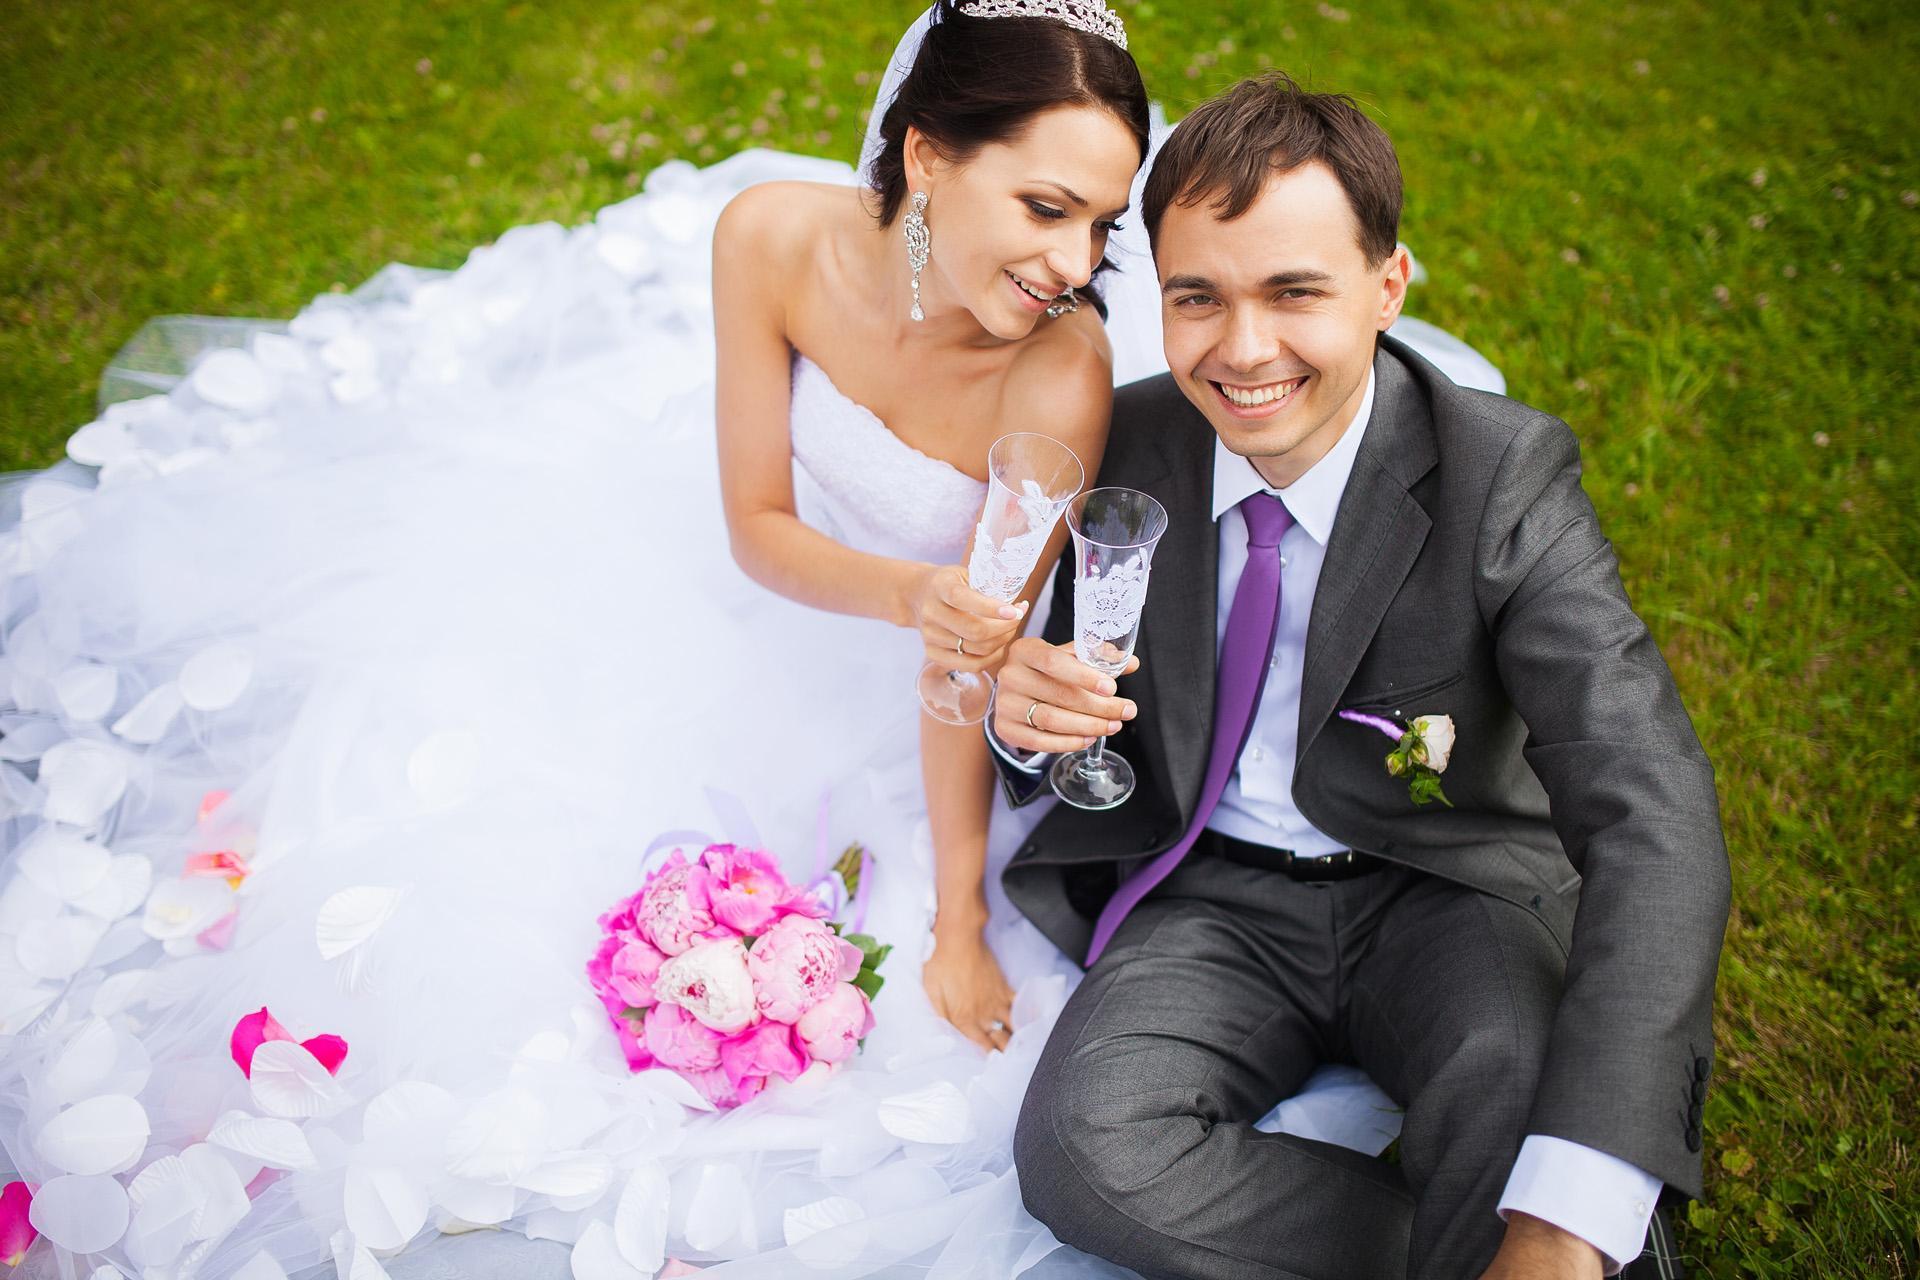 А вот свадьба сына зачастую говорит о том, что юноша пока морально не созрел для создания своей семьи.